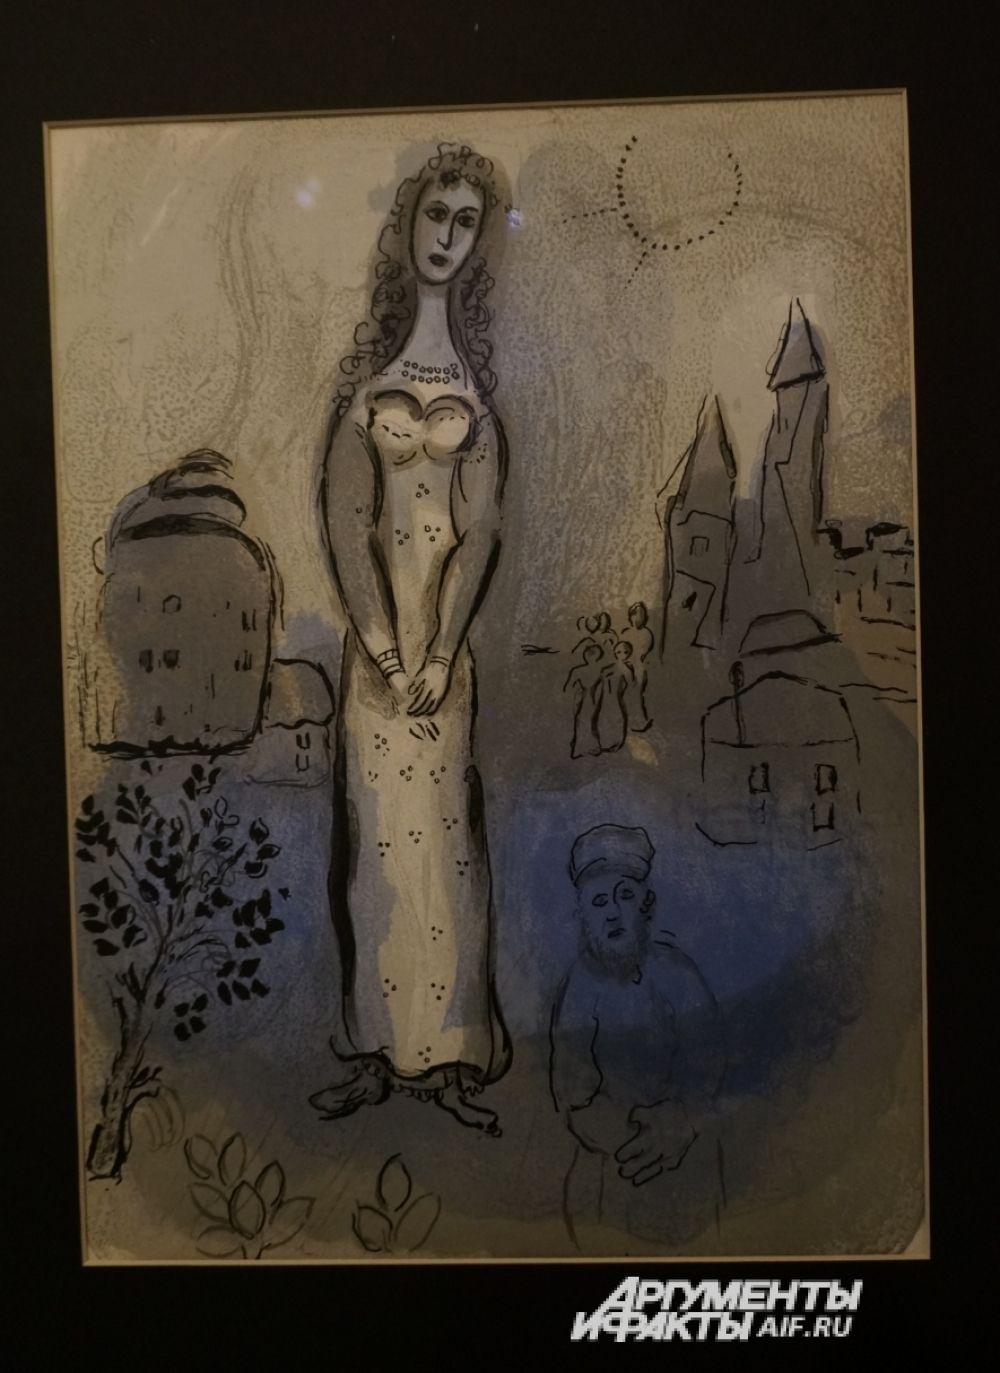 Библия казалась Шагалу самым большим источником поэзии всех времен, и на протяжении всего своего творчества он искал ее отражение в жизни и в искусстве. На этой литографии он изобразил героиню Ветхого Завета, красавицу Эсфирь